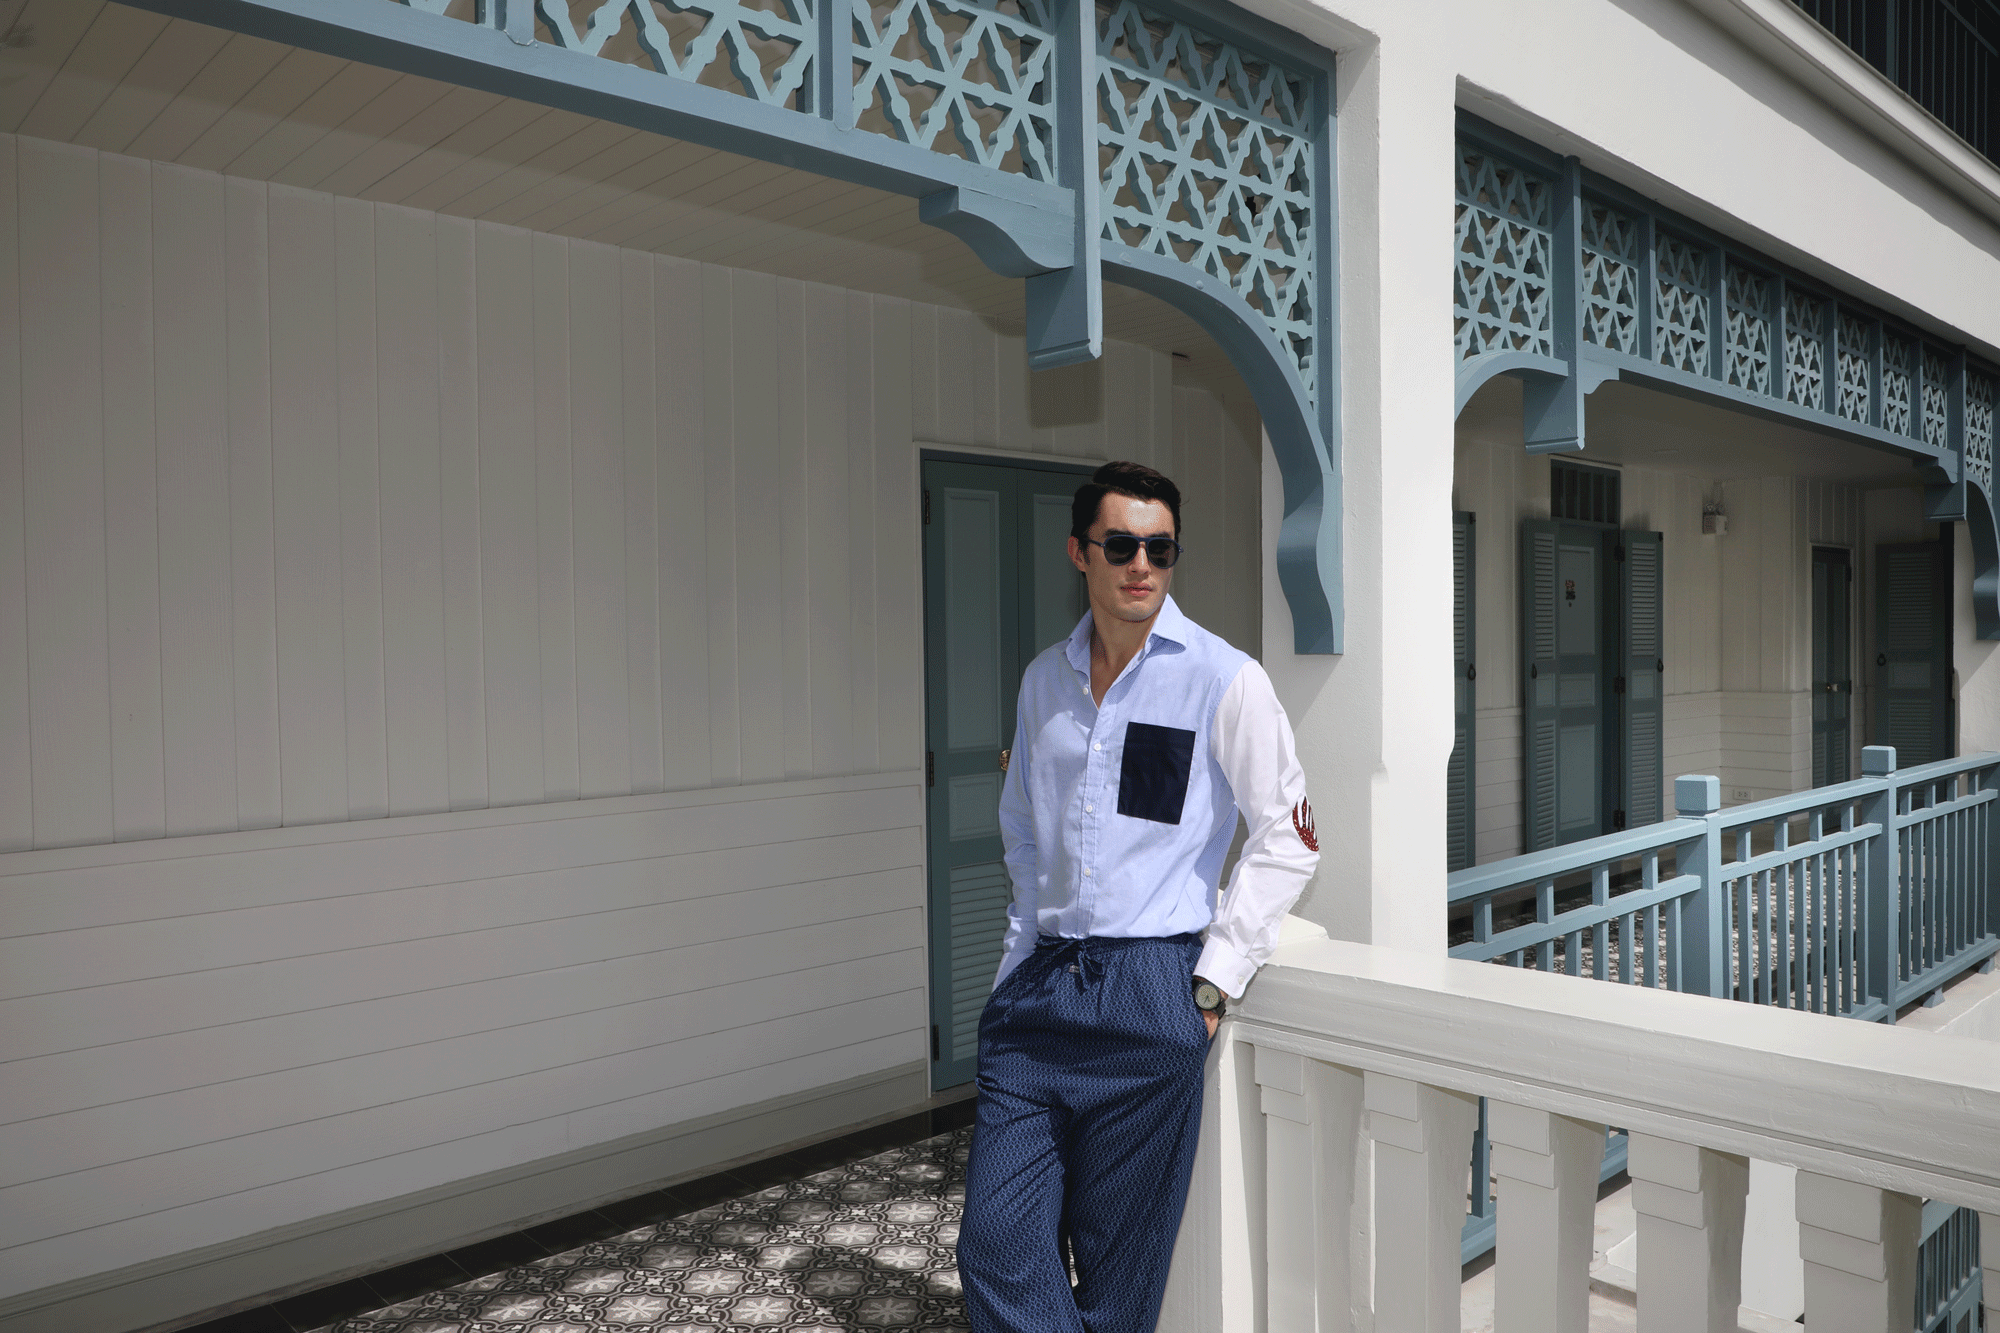 shirt : Leisure Projects / pyjama pants : JOCKEY / sunglasses : IZIPIZI / watch : FORREST